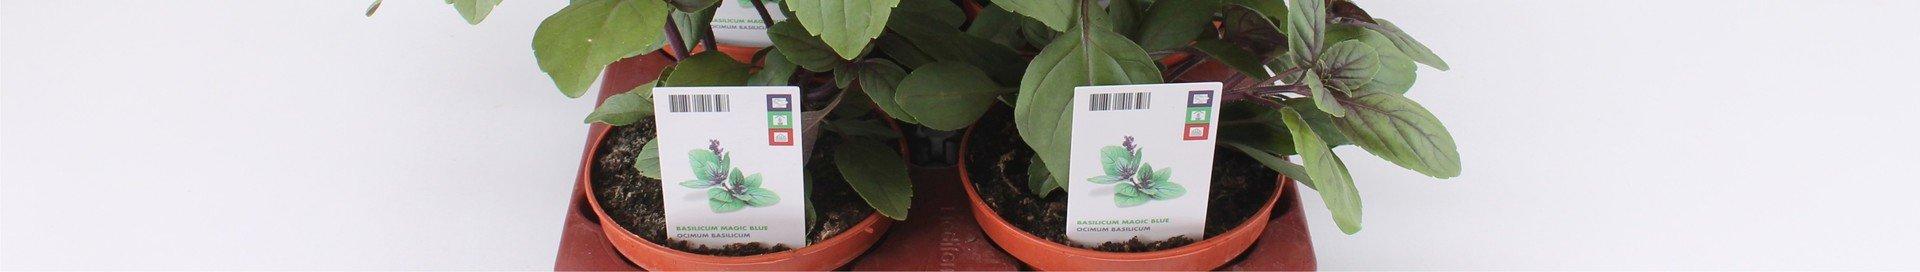 Kruiden-in-pot-12-cm